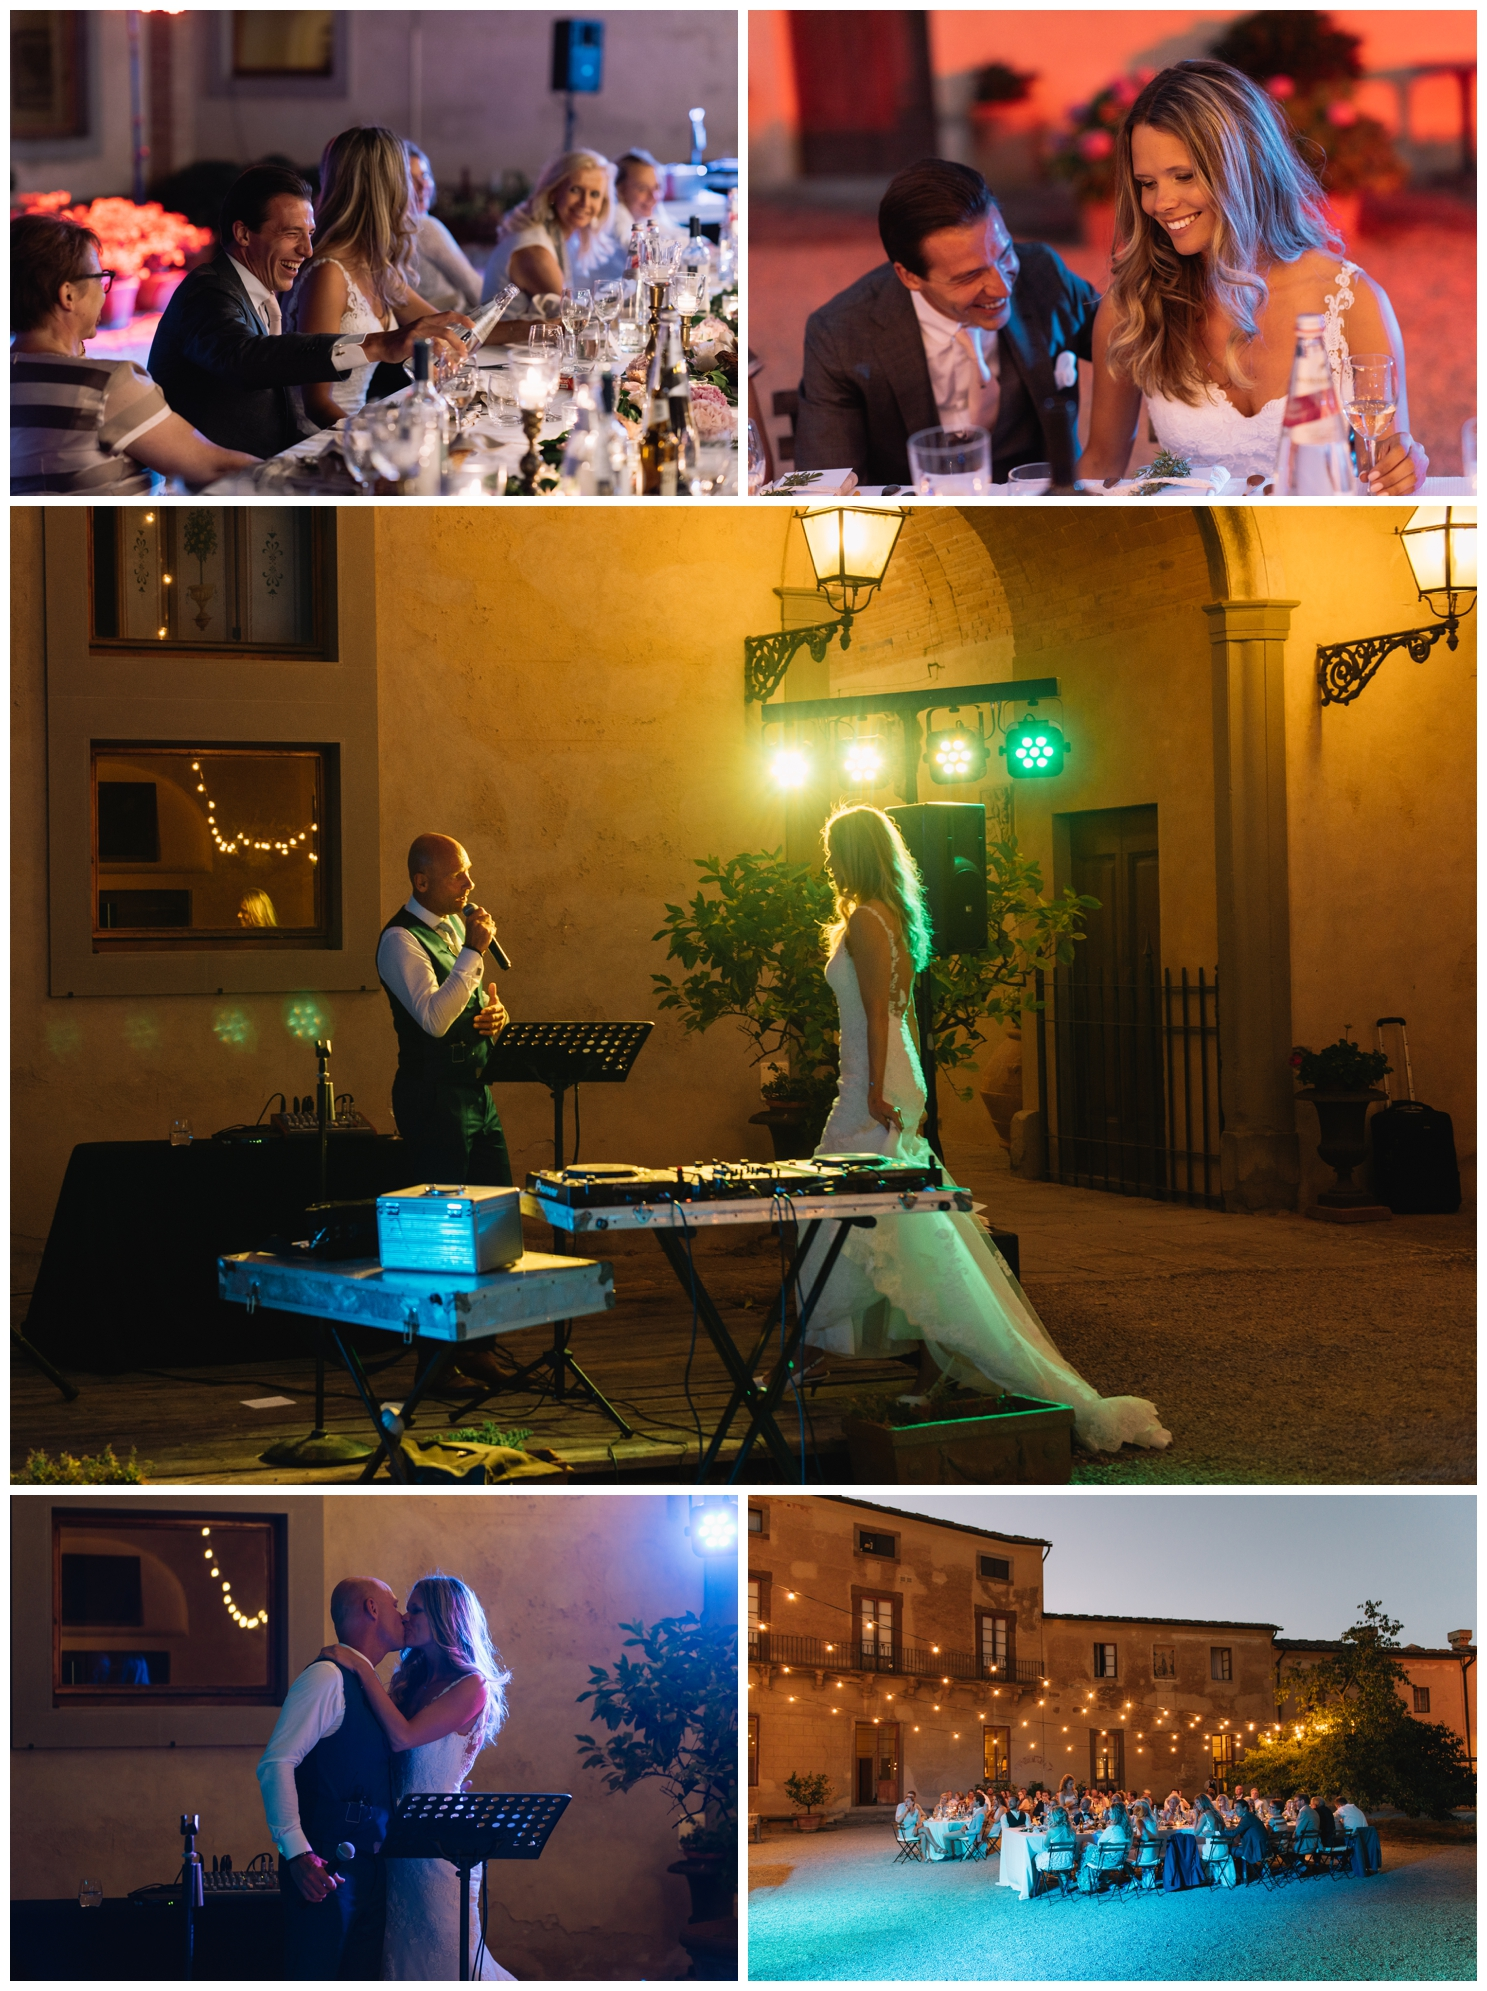 Wedding_Photographer_Tuscany_Florence_Italy_61.jpg